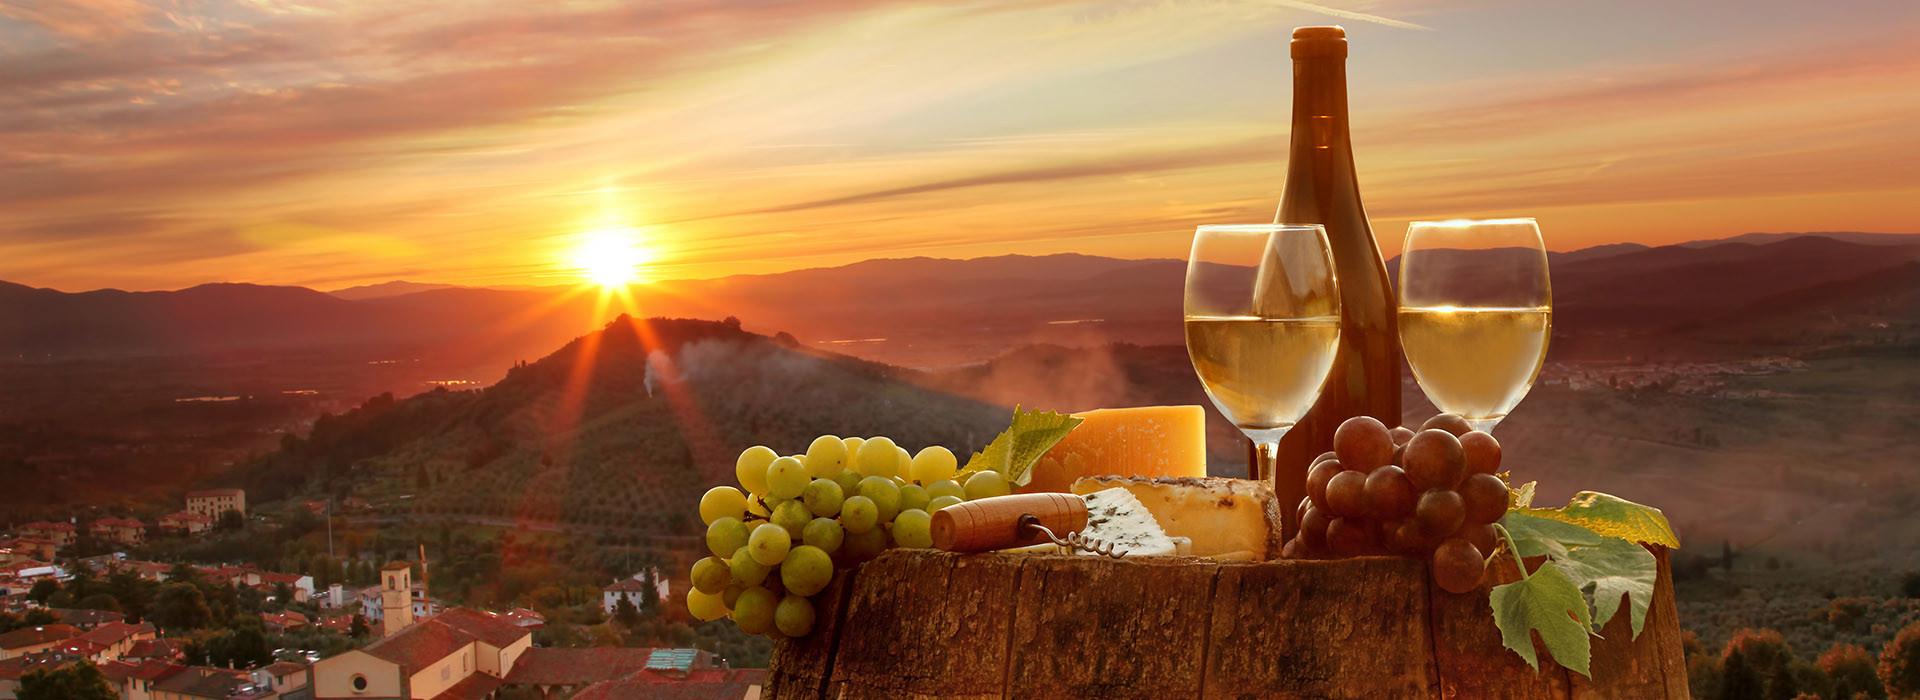 Die handverlesene Weinauswahl und die herausragende Weinkompetenz machen die Ratsstuben Weissach zu einem feinen Weinlokal/ Weinstube